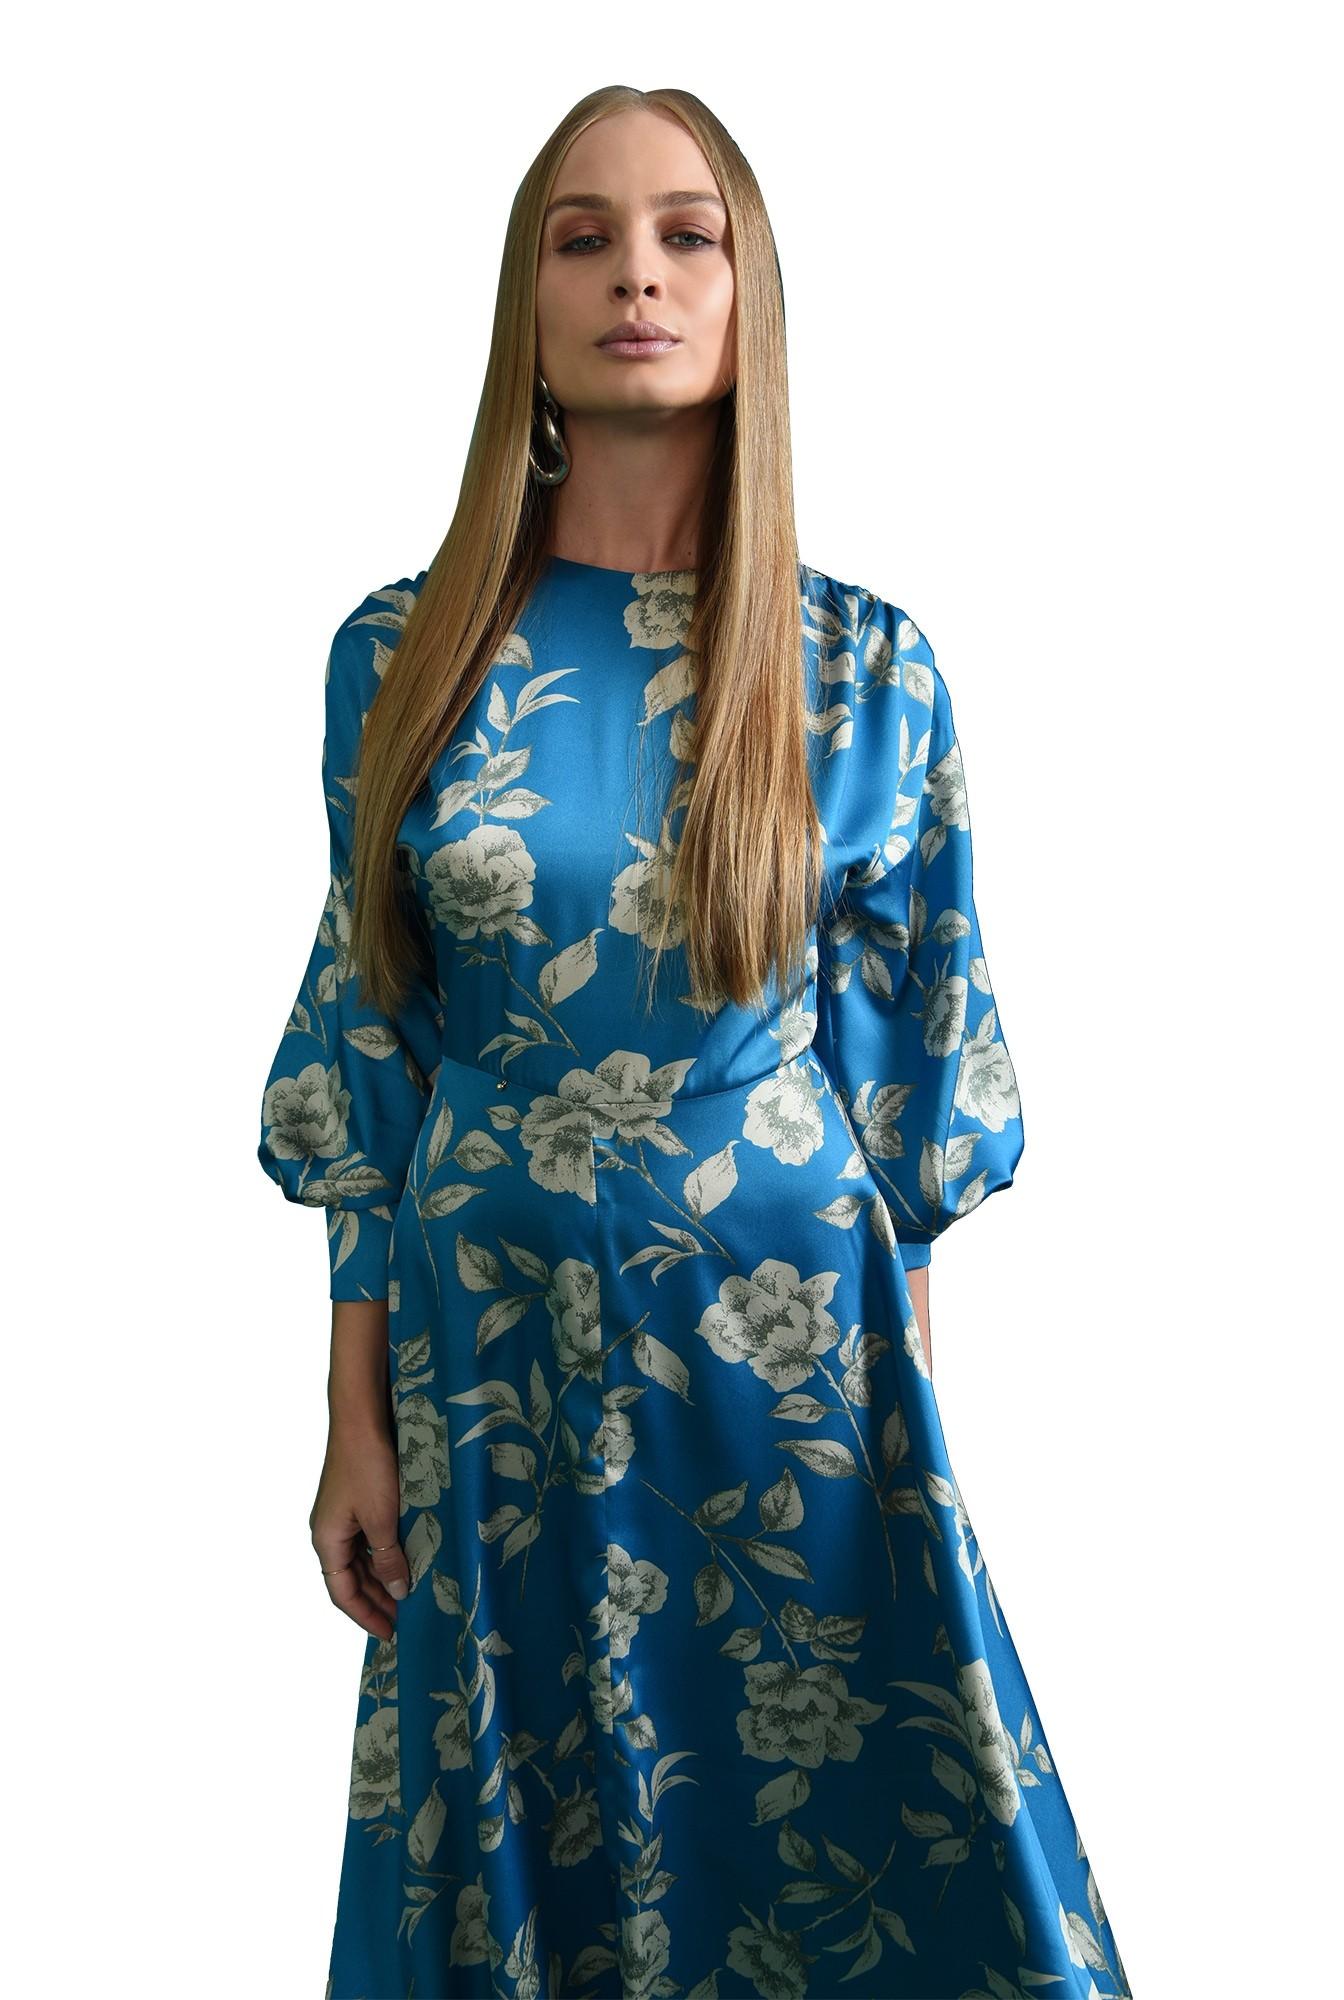 rochie cu imprimeu floral, cu umarii cazuti, cu maneca voluminoasa